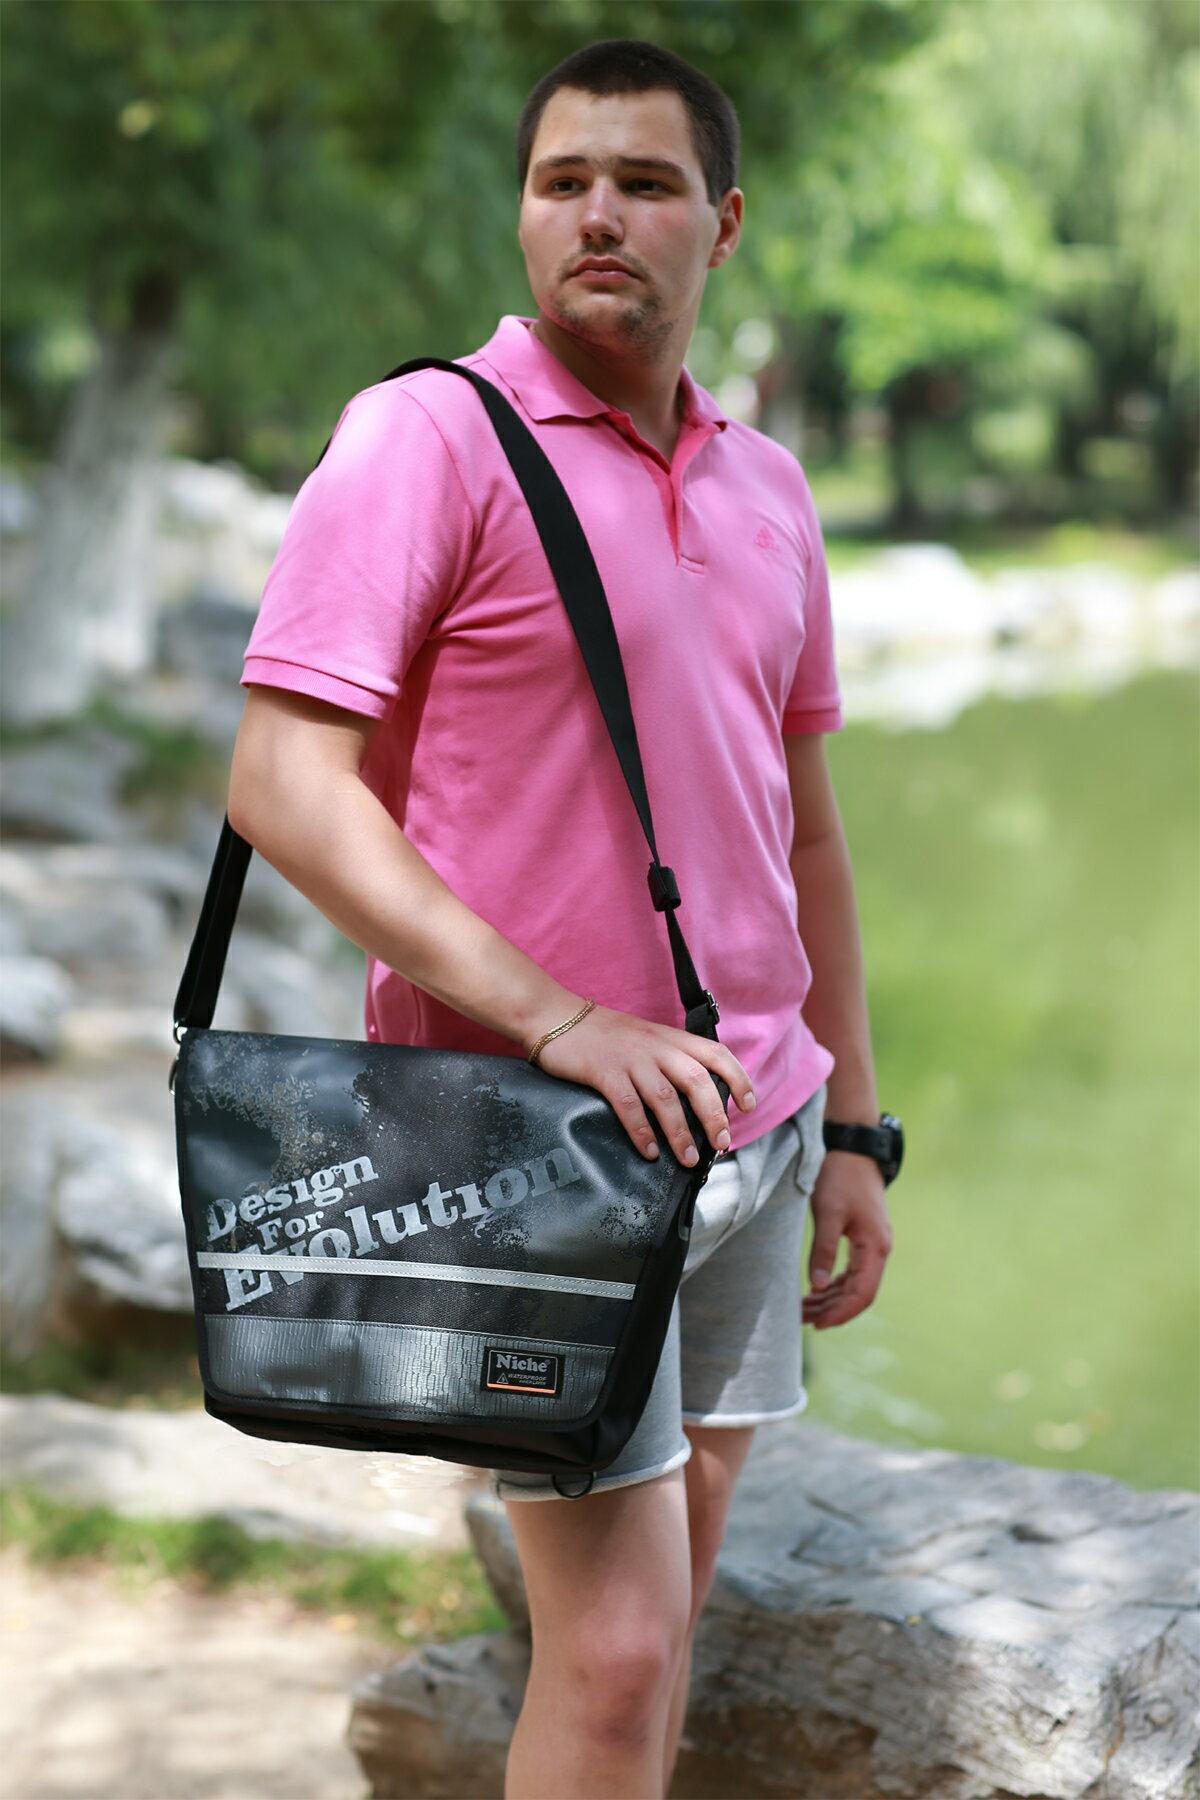 【N-5214】Niche 防水三用郵差包 防水背包 防水袋 戶外休閒背包 都會電腦包 袋子尺寸:43 x 35 x 9.5 公分 1